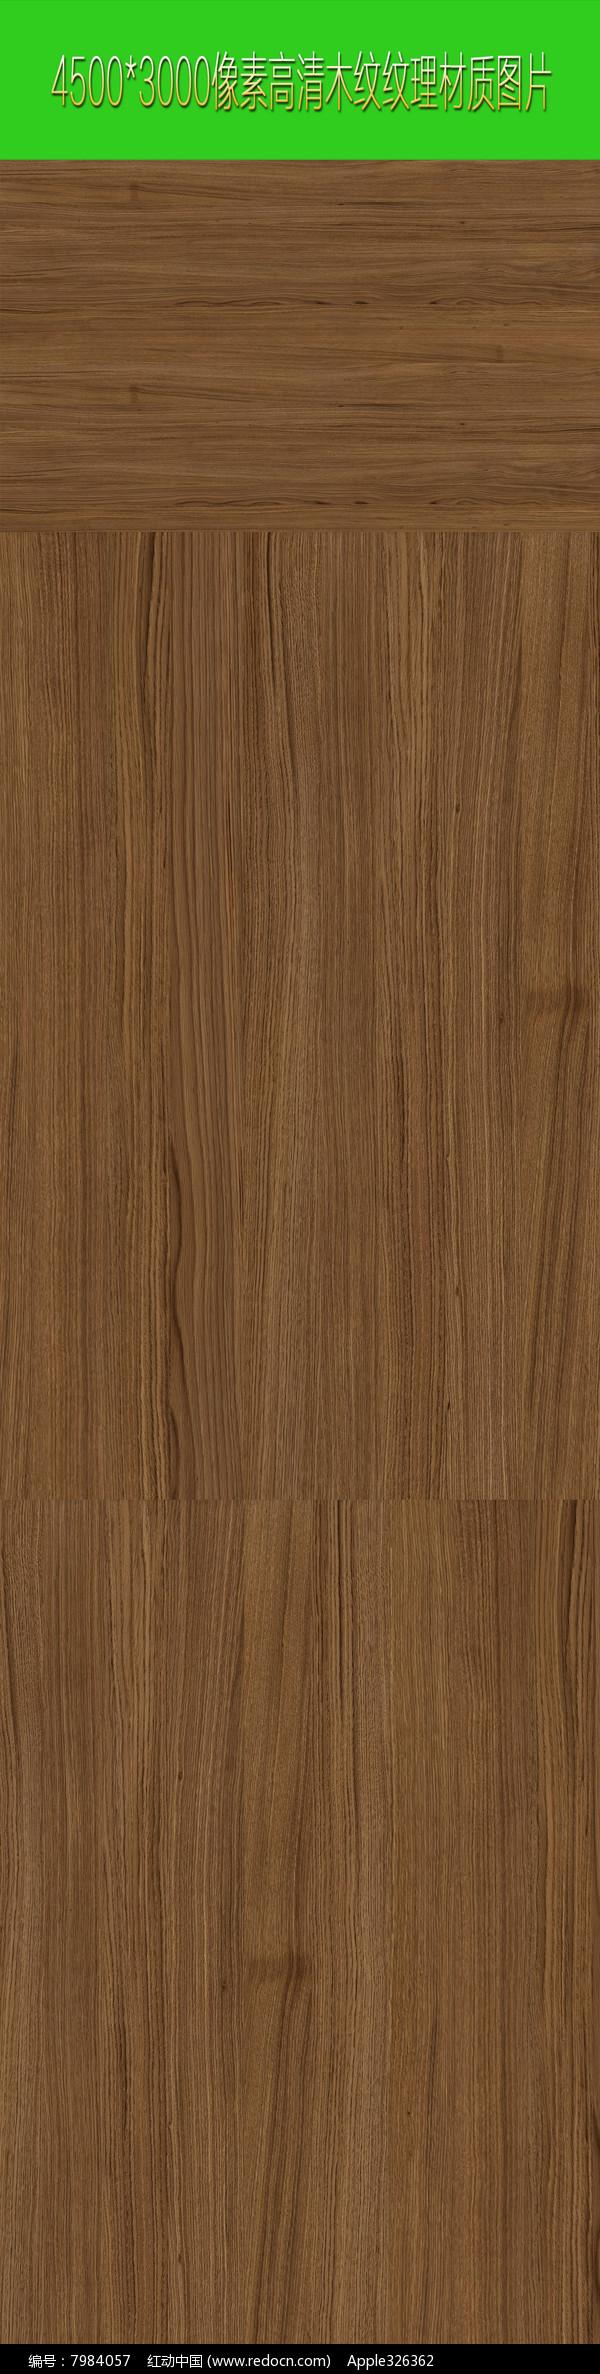 橡木木纹纹理材质图片下载